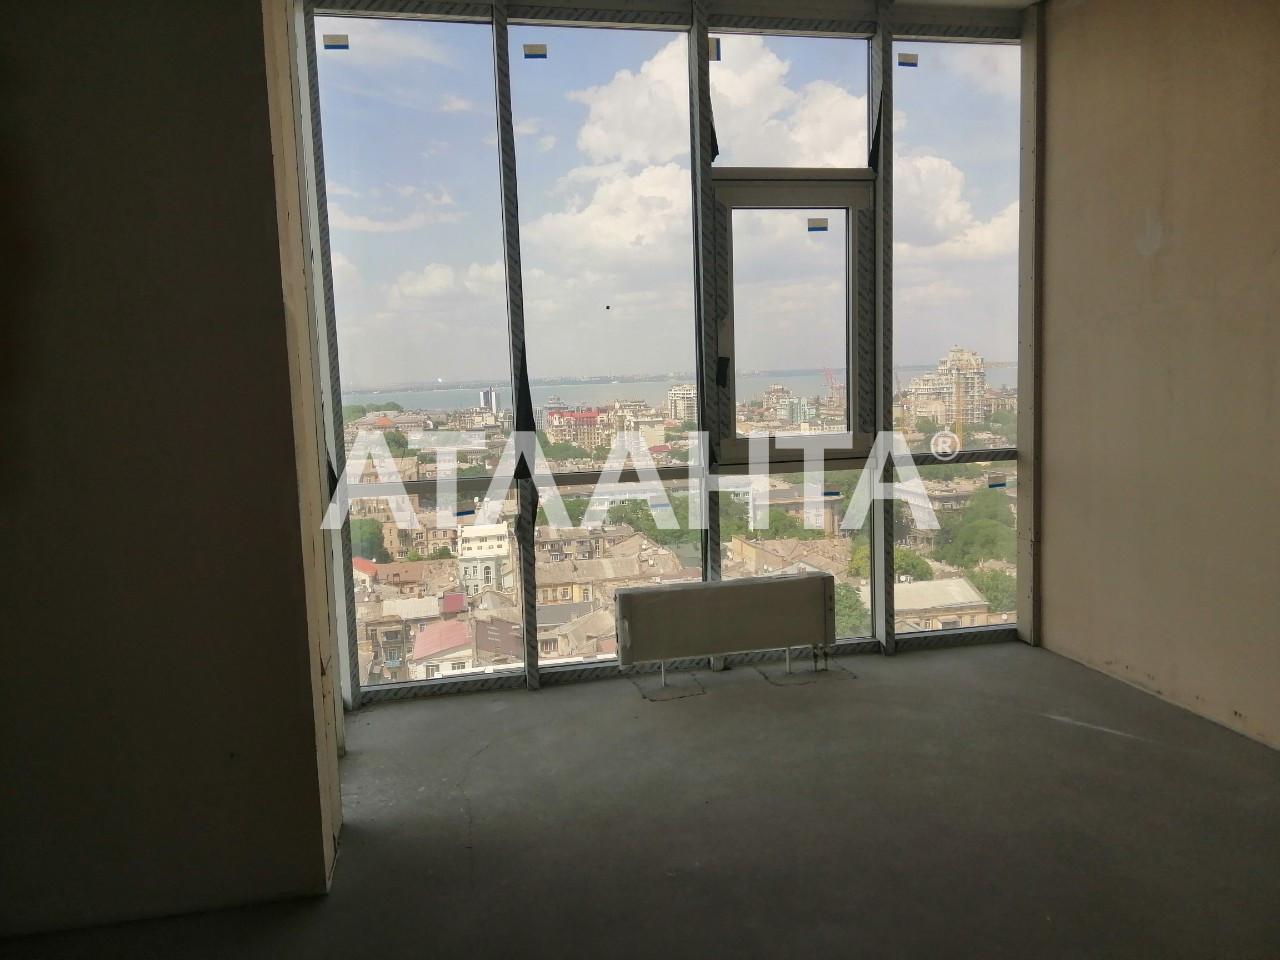 Продается 2-комнатная Квартира на ул. Большая Арнаутская (Чкалова) — 103 680 у.е. (фото №2)